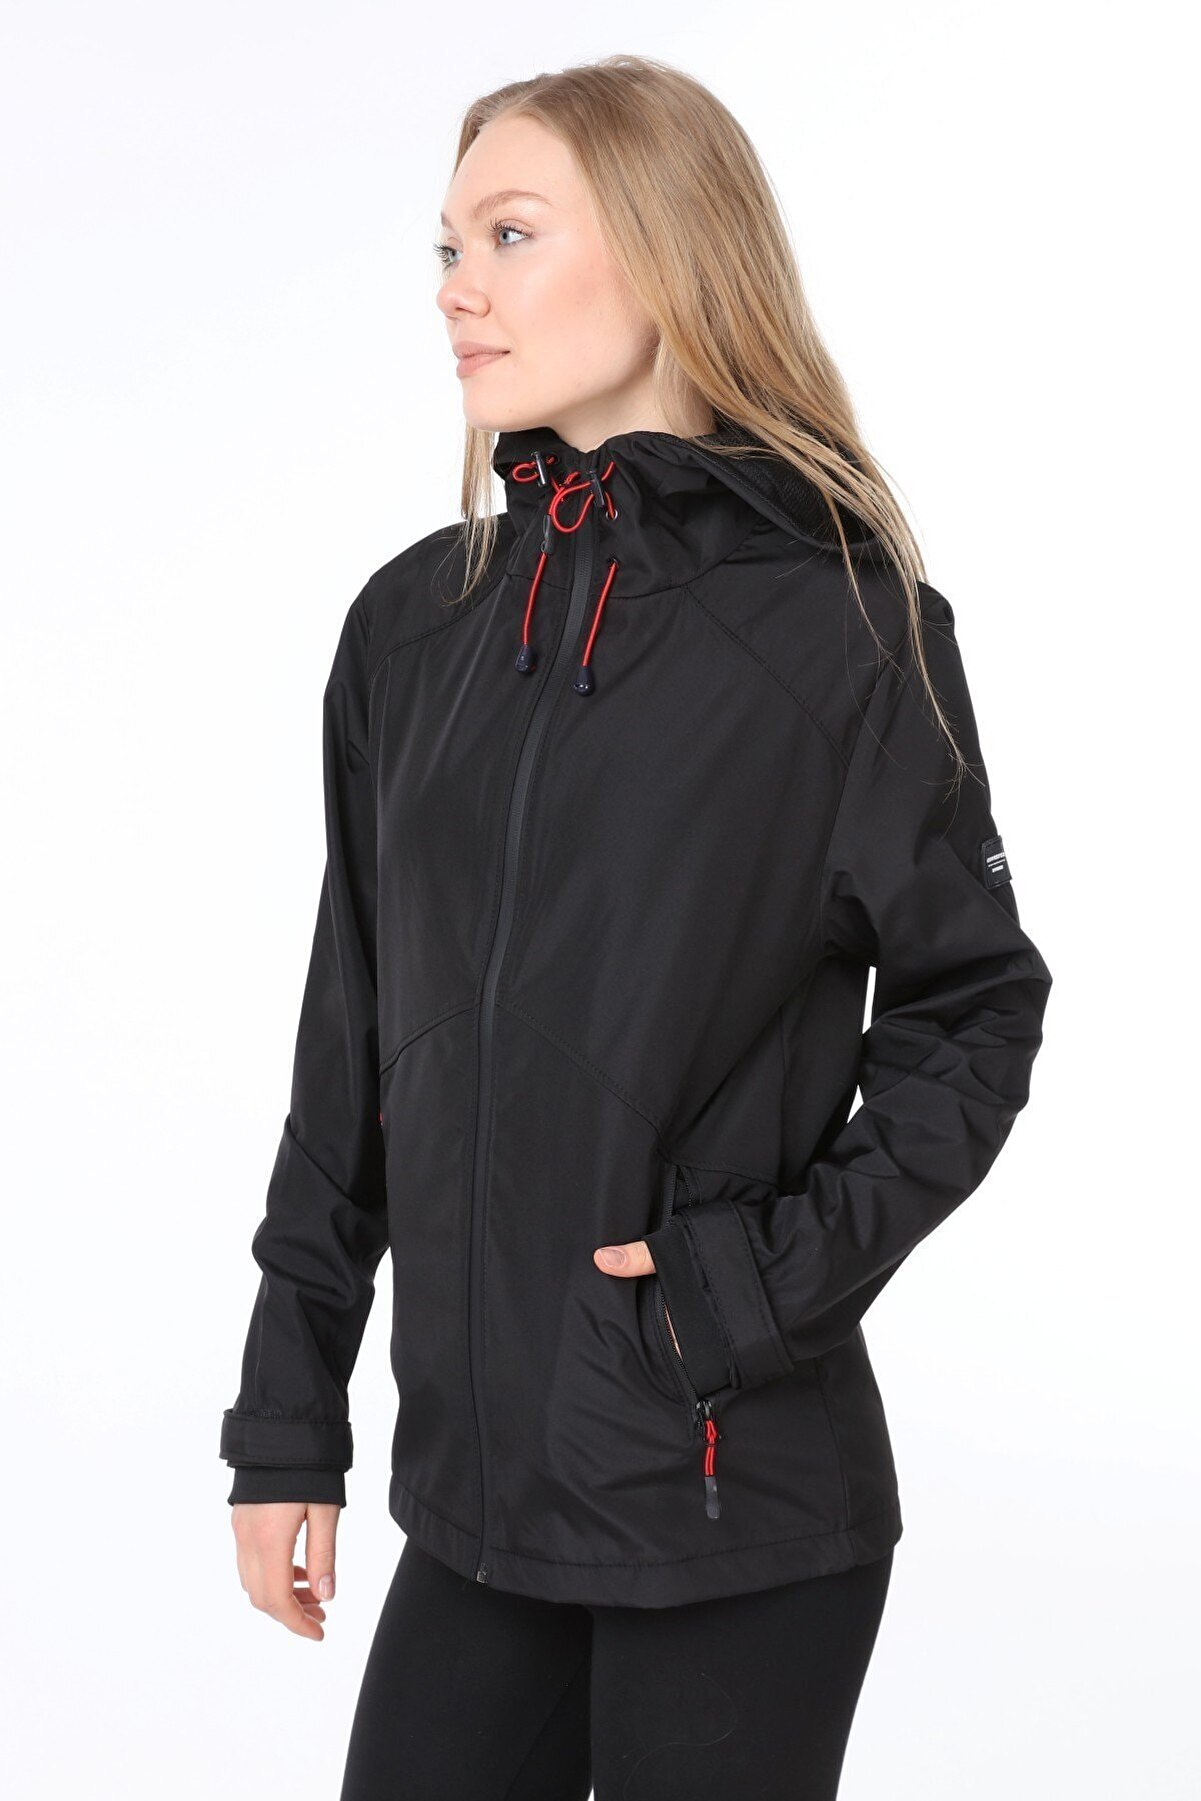 Ghassy Co Kadın Rüzgarlık Yağmurluk Omuz Detaylı Mevsimlik Siyah Spor Ceket